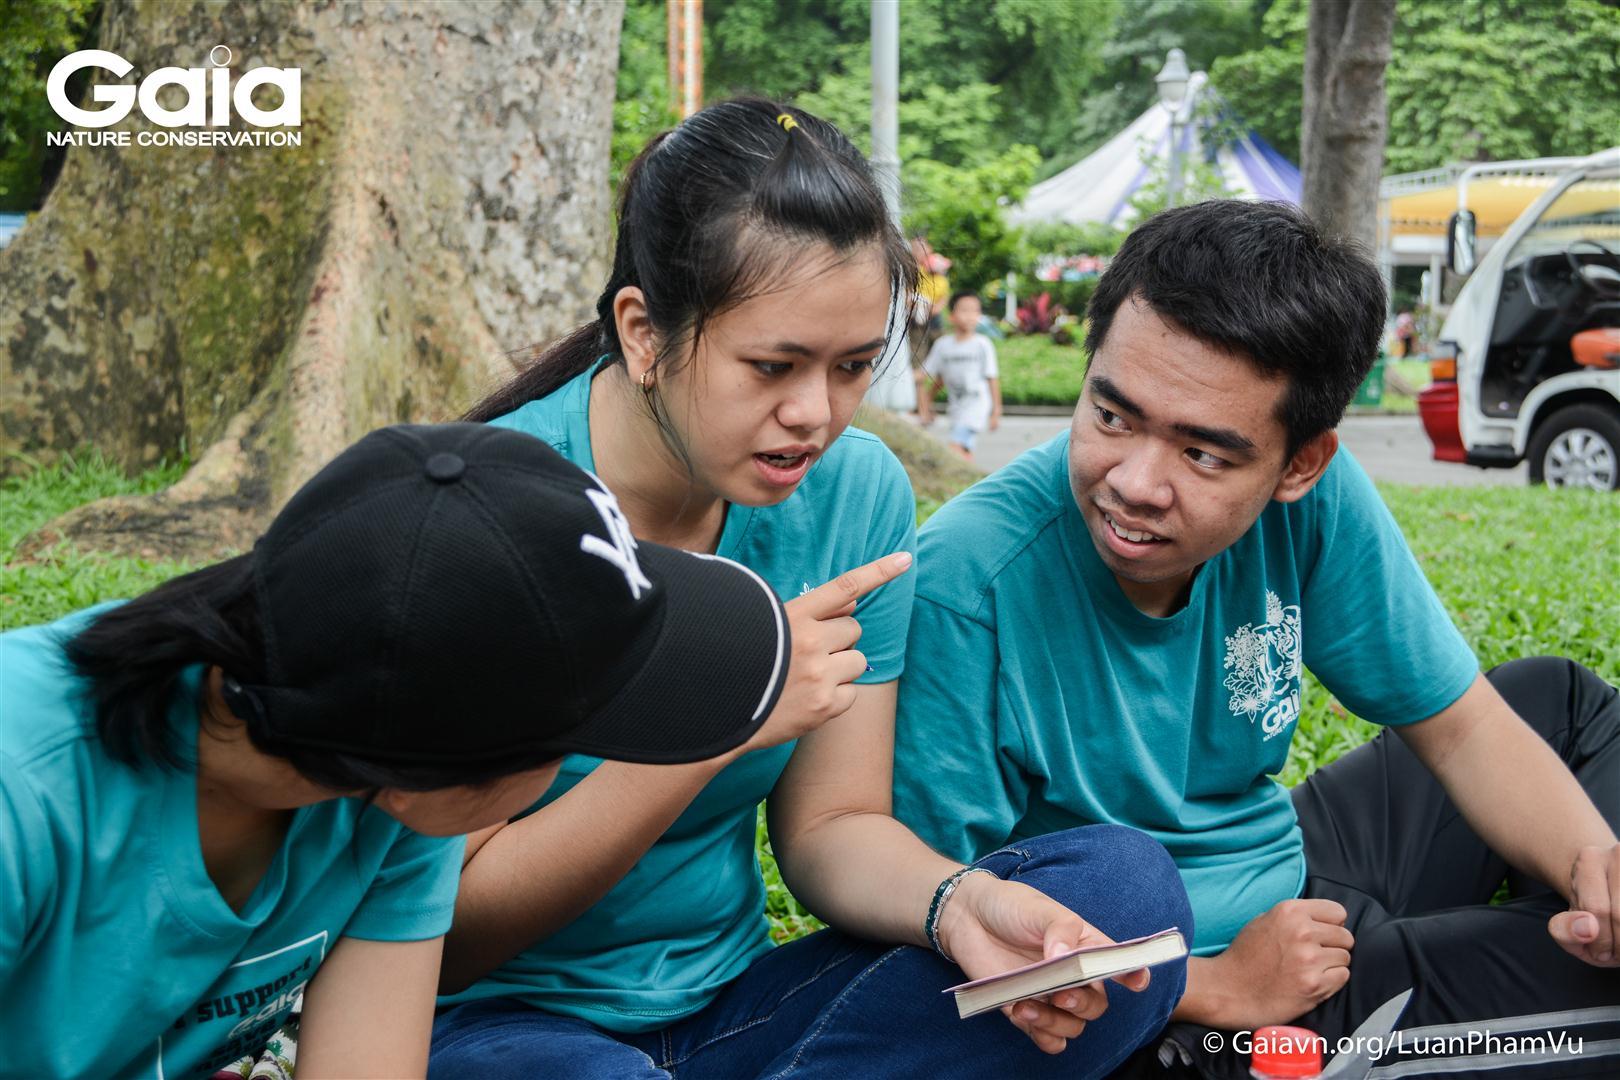 Cùng bàn luận về vai trò của Vườn thú trong việc bảo tồn các loài động vật hoang dã.